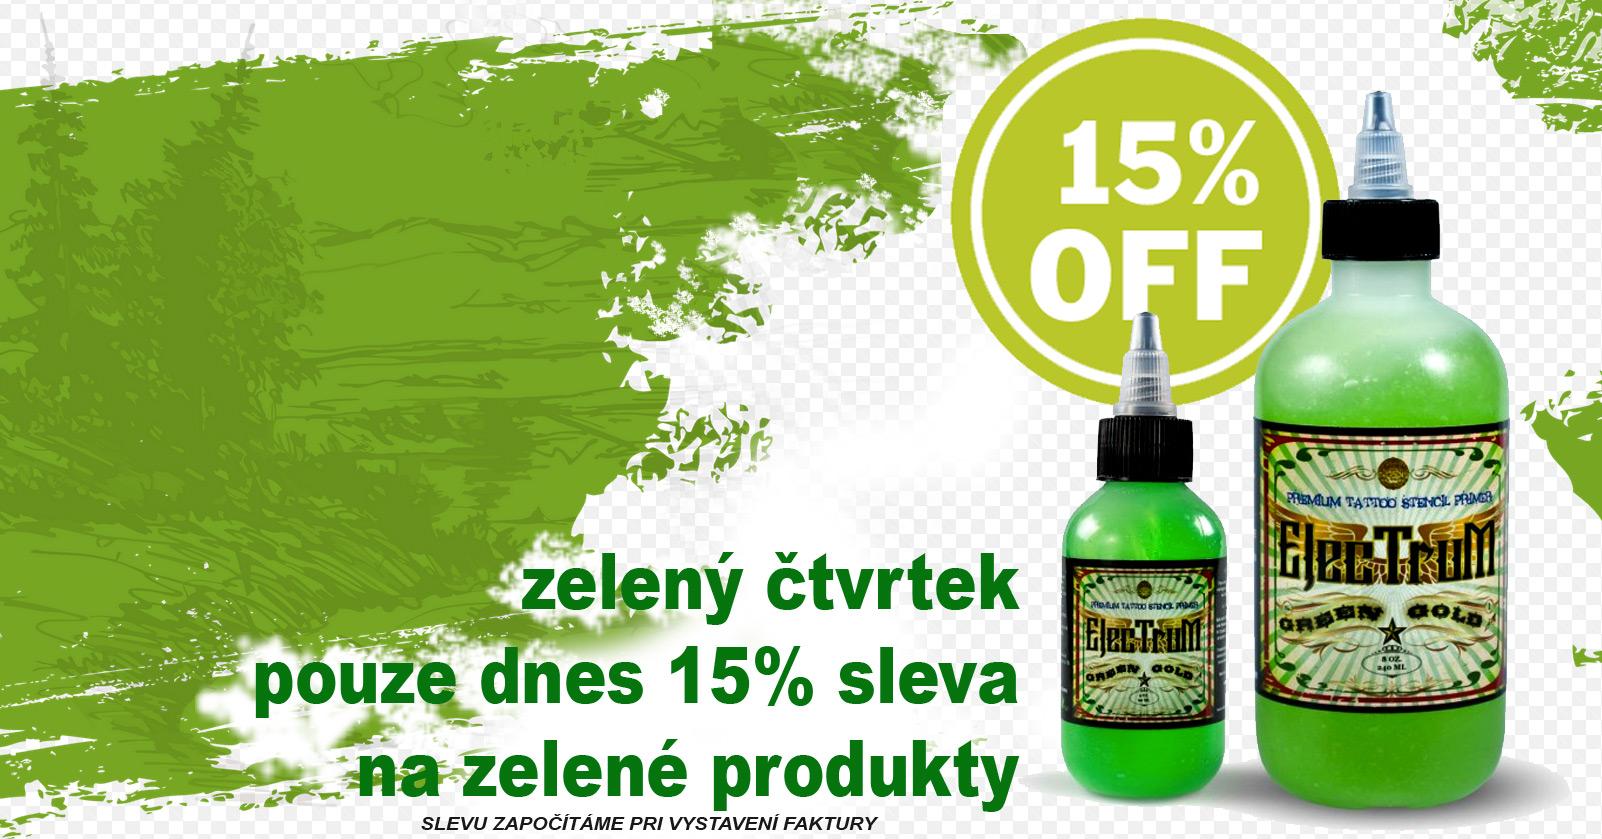 Zelený čtvrtek se slevou 15%